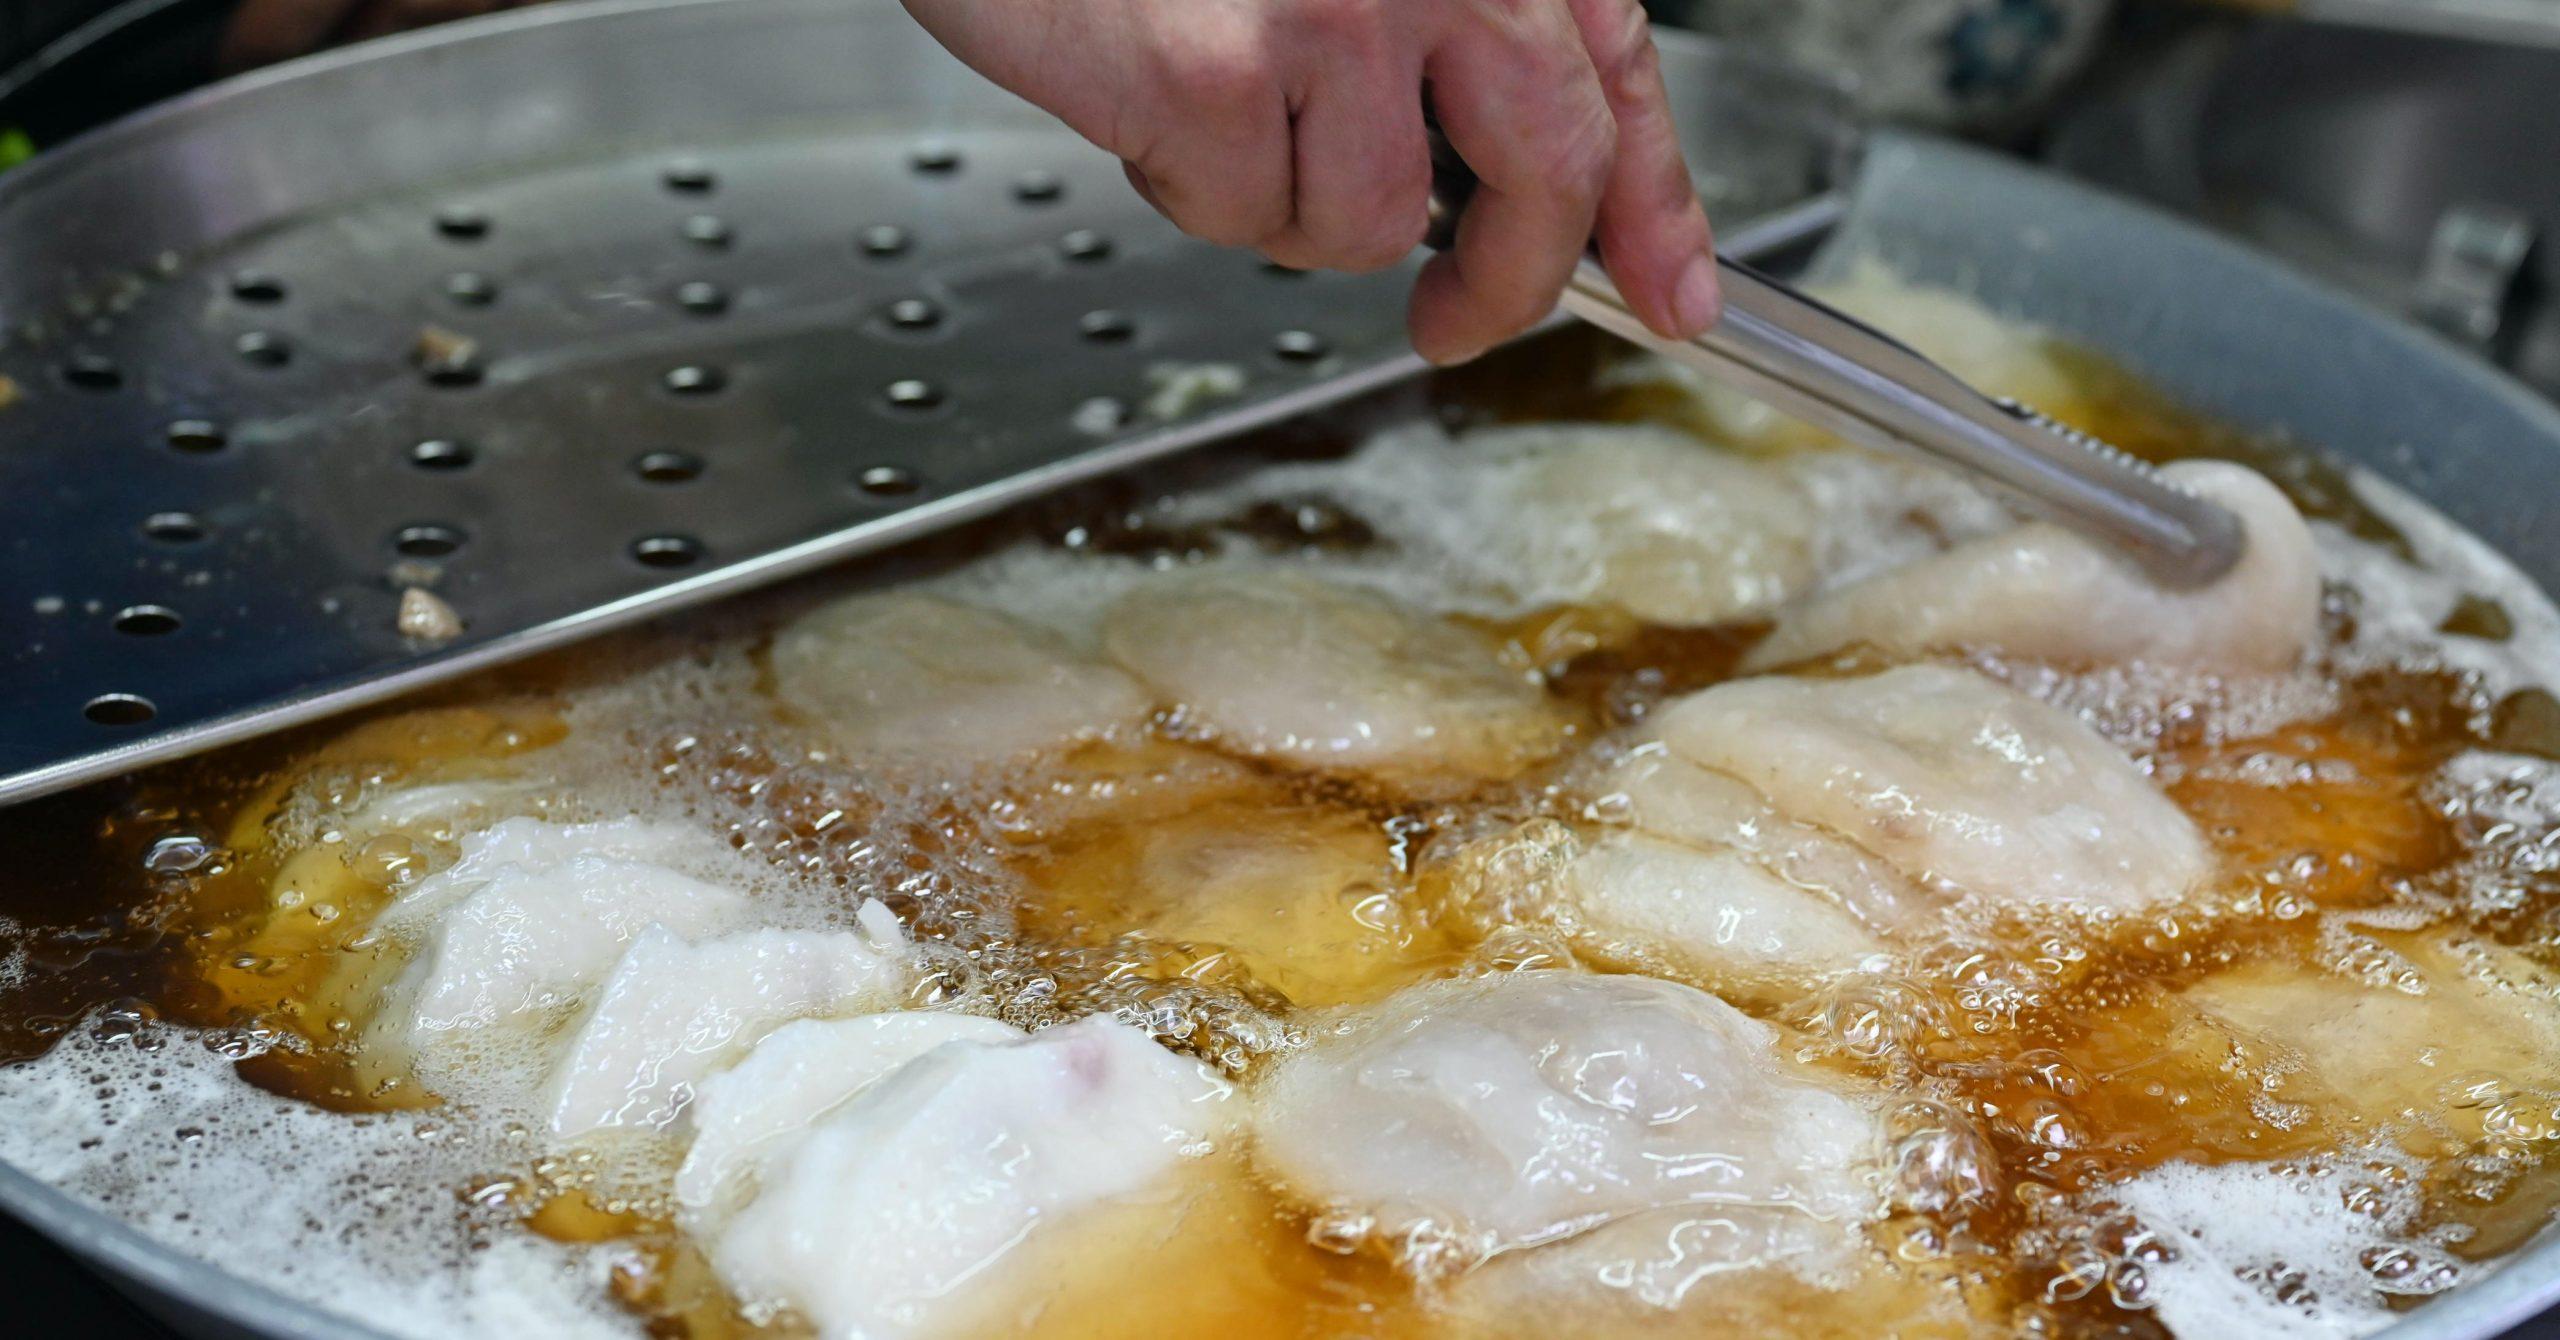 即時熱門文章:【三重美食】陳記肉圓油粿,三重台北橋站在地美食小吃